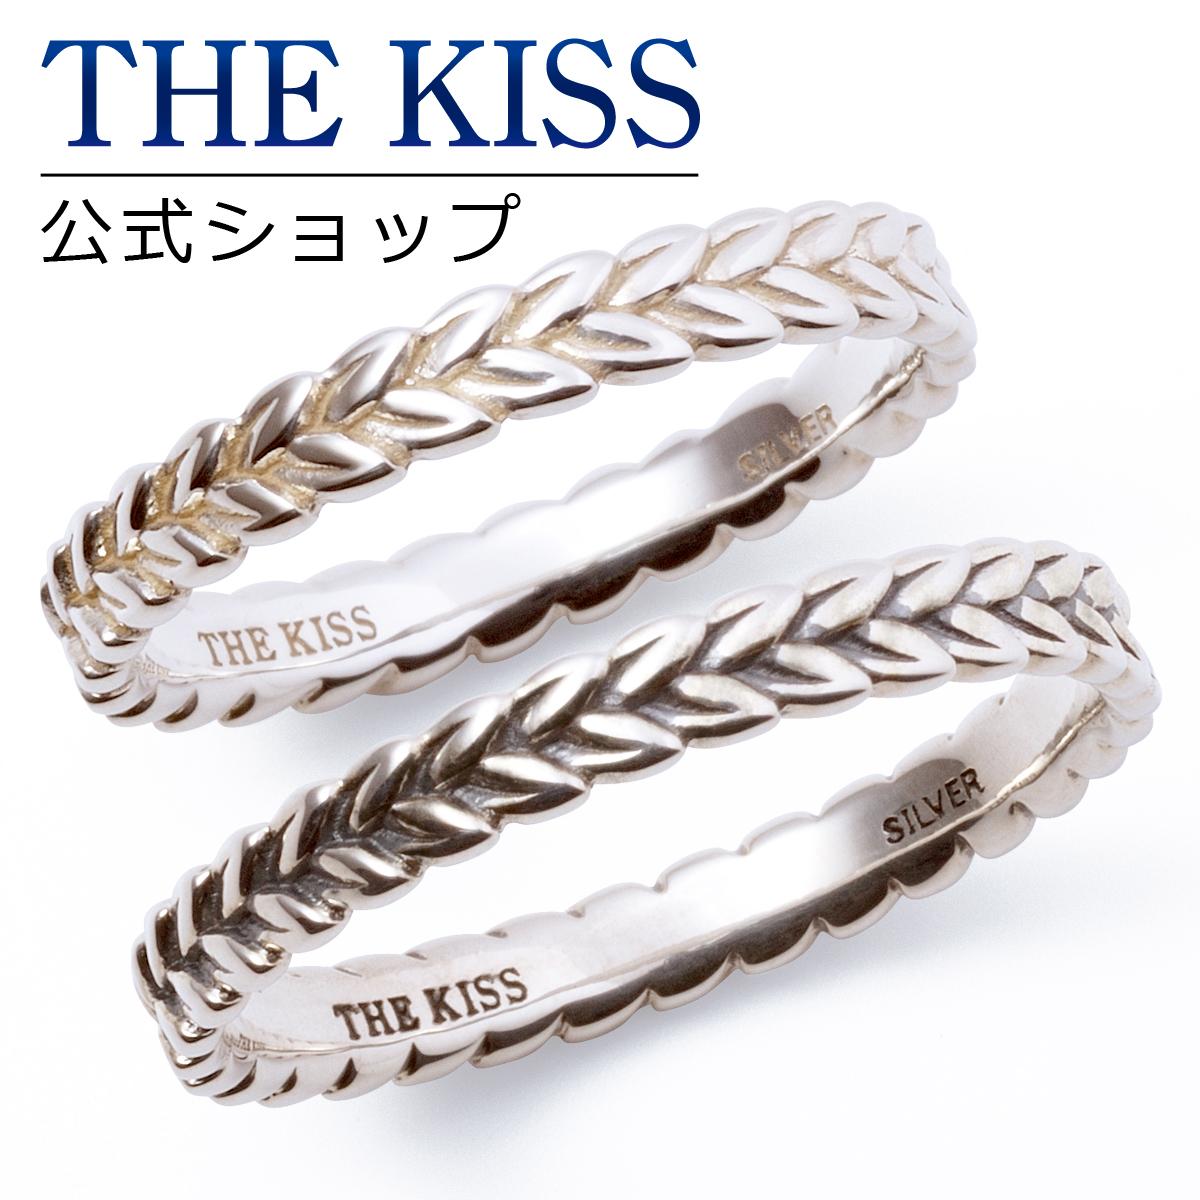 【あす楽対応】THE KISS 公式サイト シルバー ペアリング ペアアクセサリー カップル に 人気 の ジュエリーブランド THEKISS ペア リング・指輪 記念日 プレゼント SR1702-1702BK セット シンプル ザキス